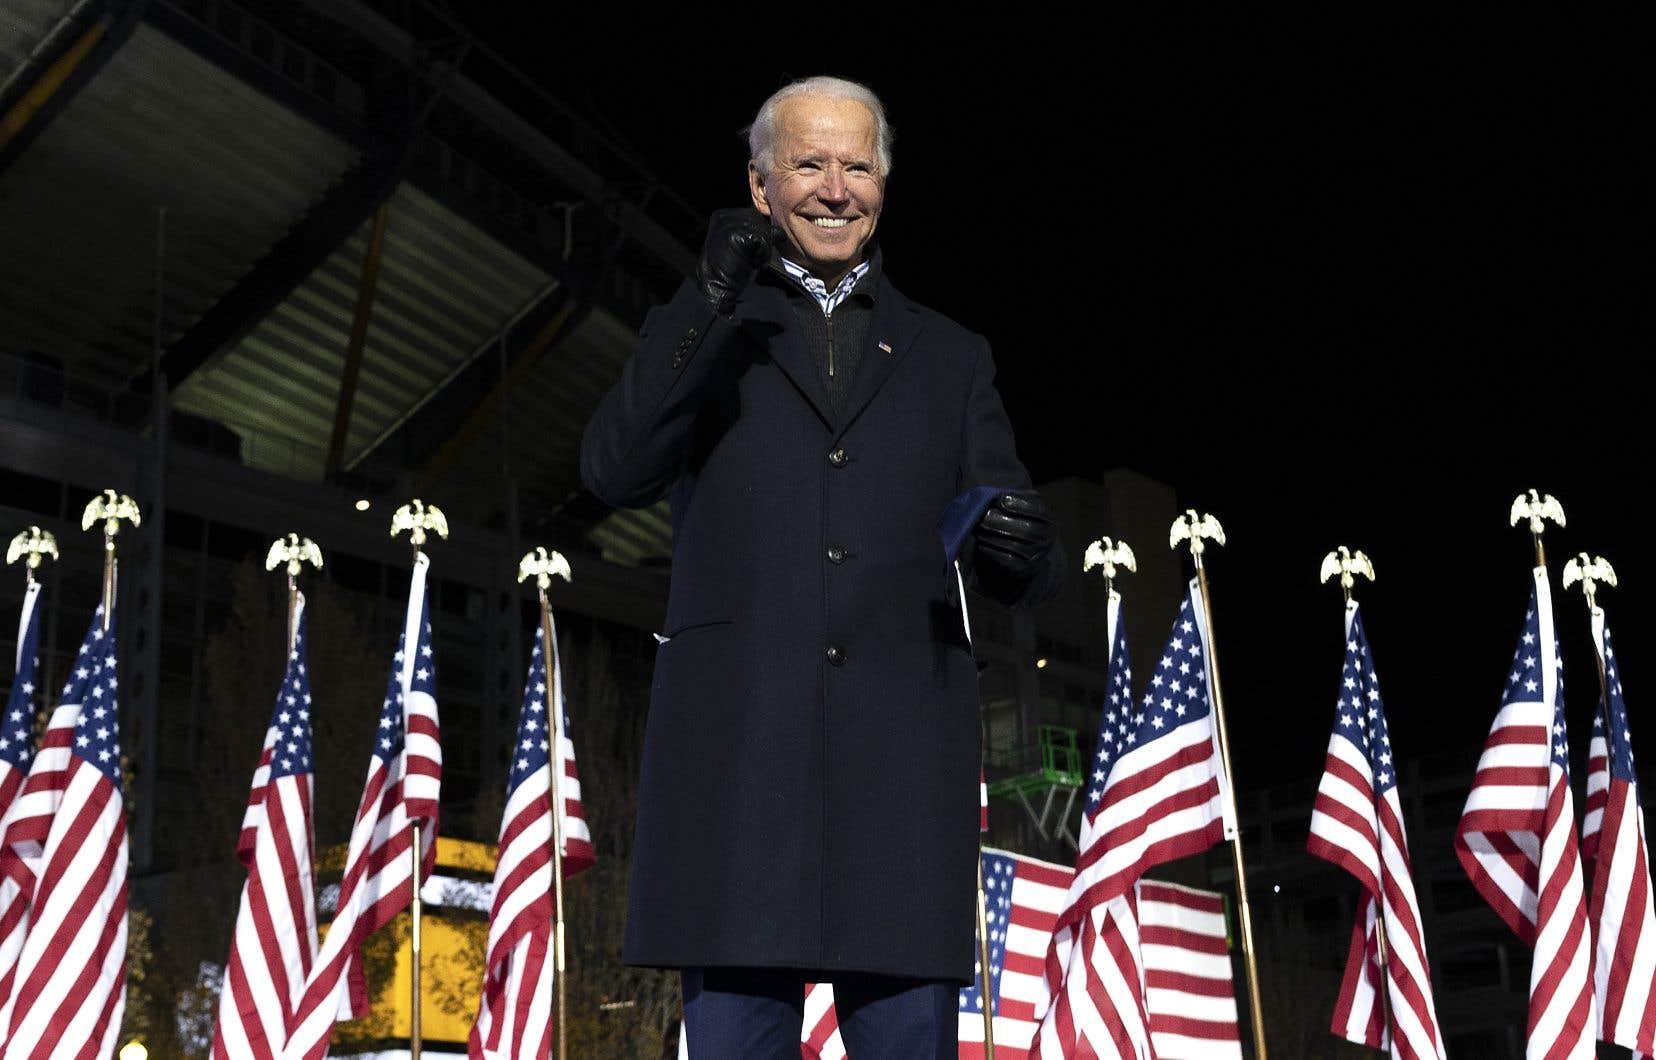 Le président désigné des États-Unis, Joe Biden